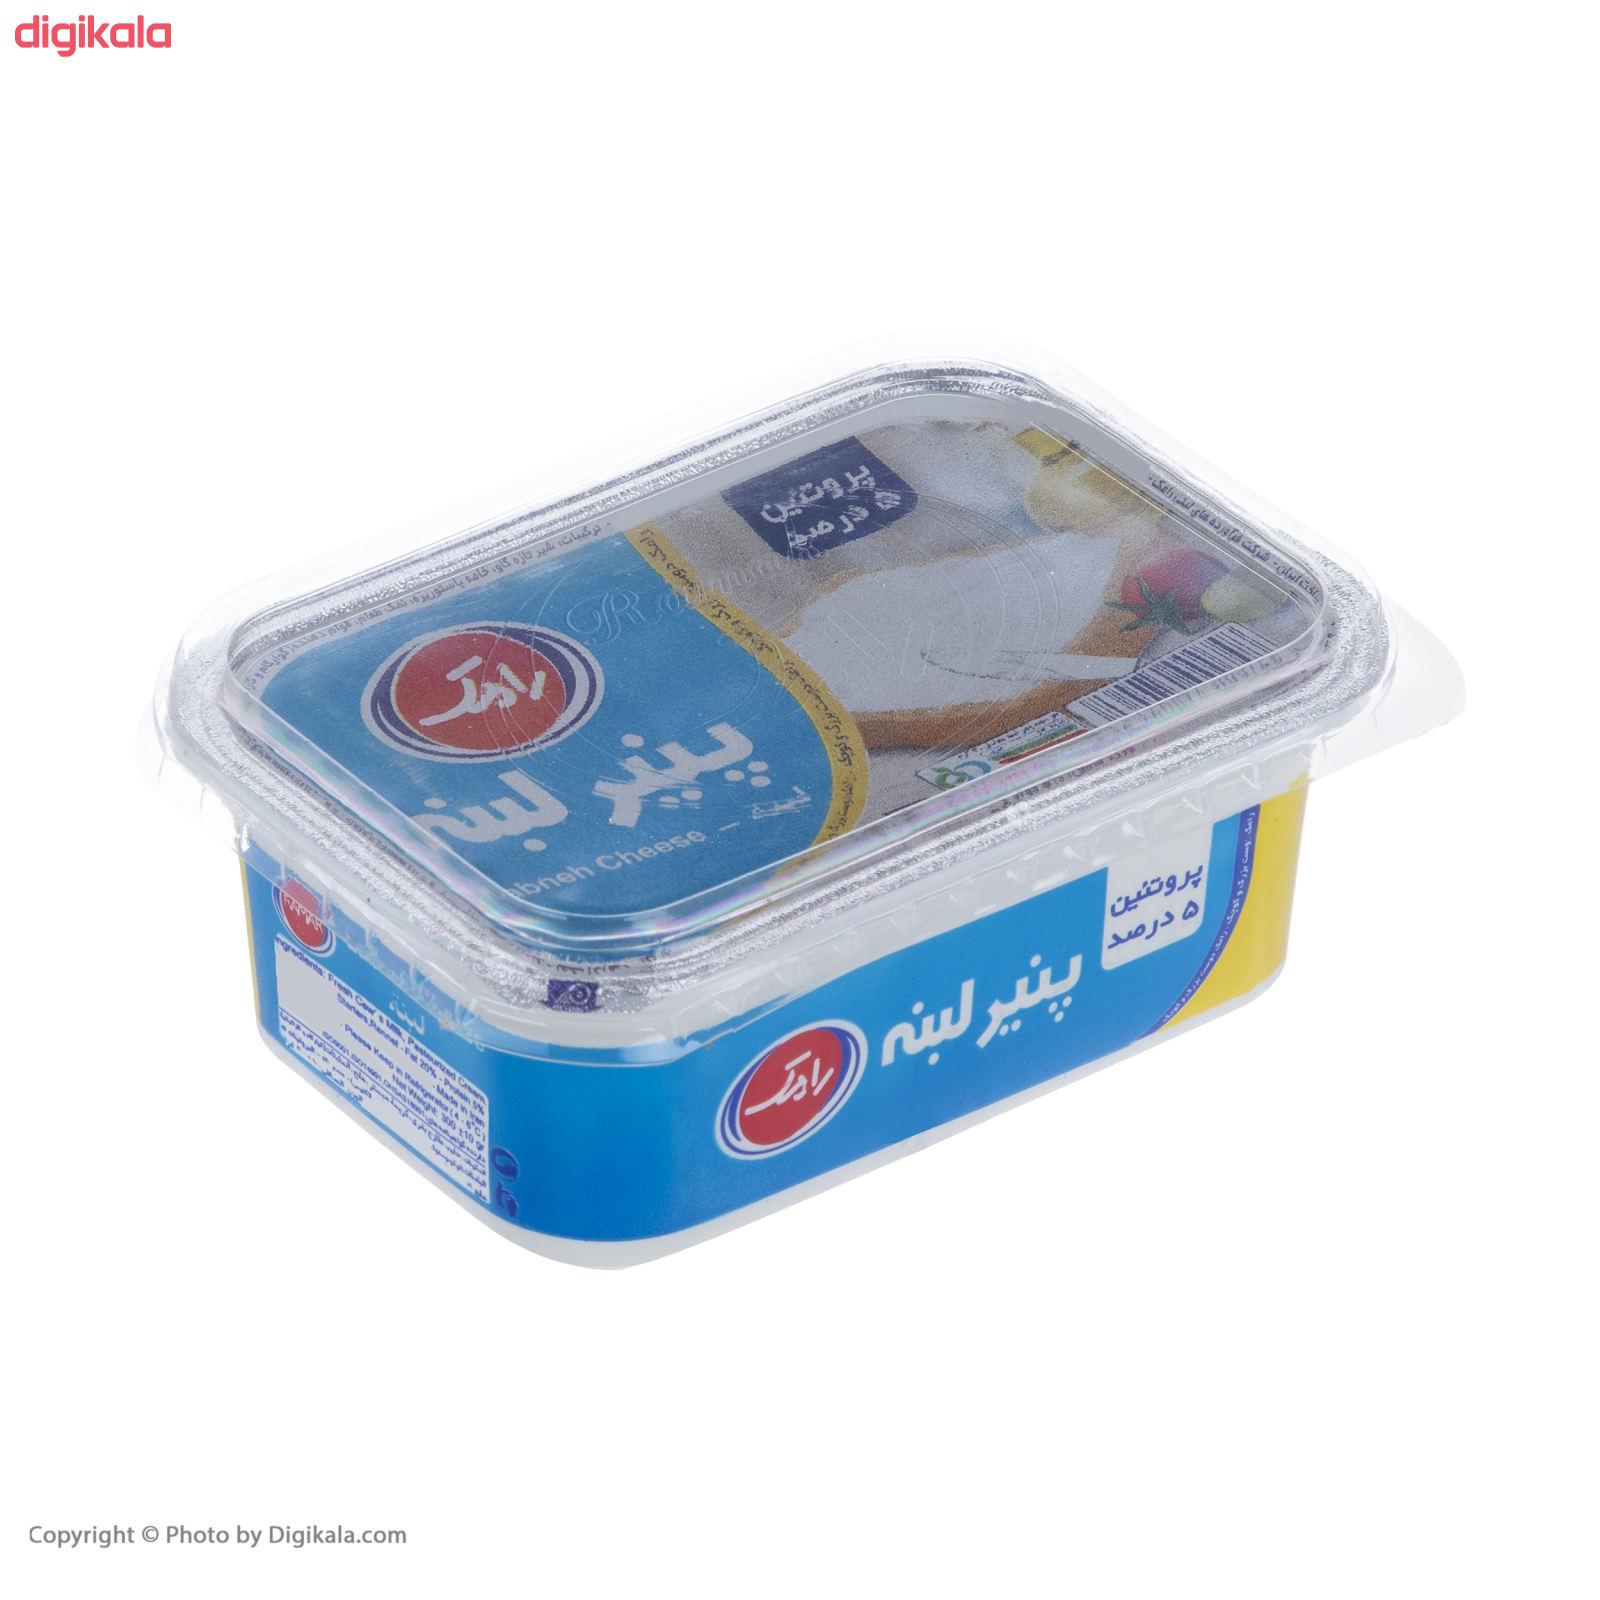 پنیر لبنه رامک وزن 300 گرم main 1 2